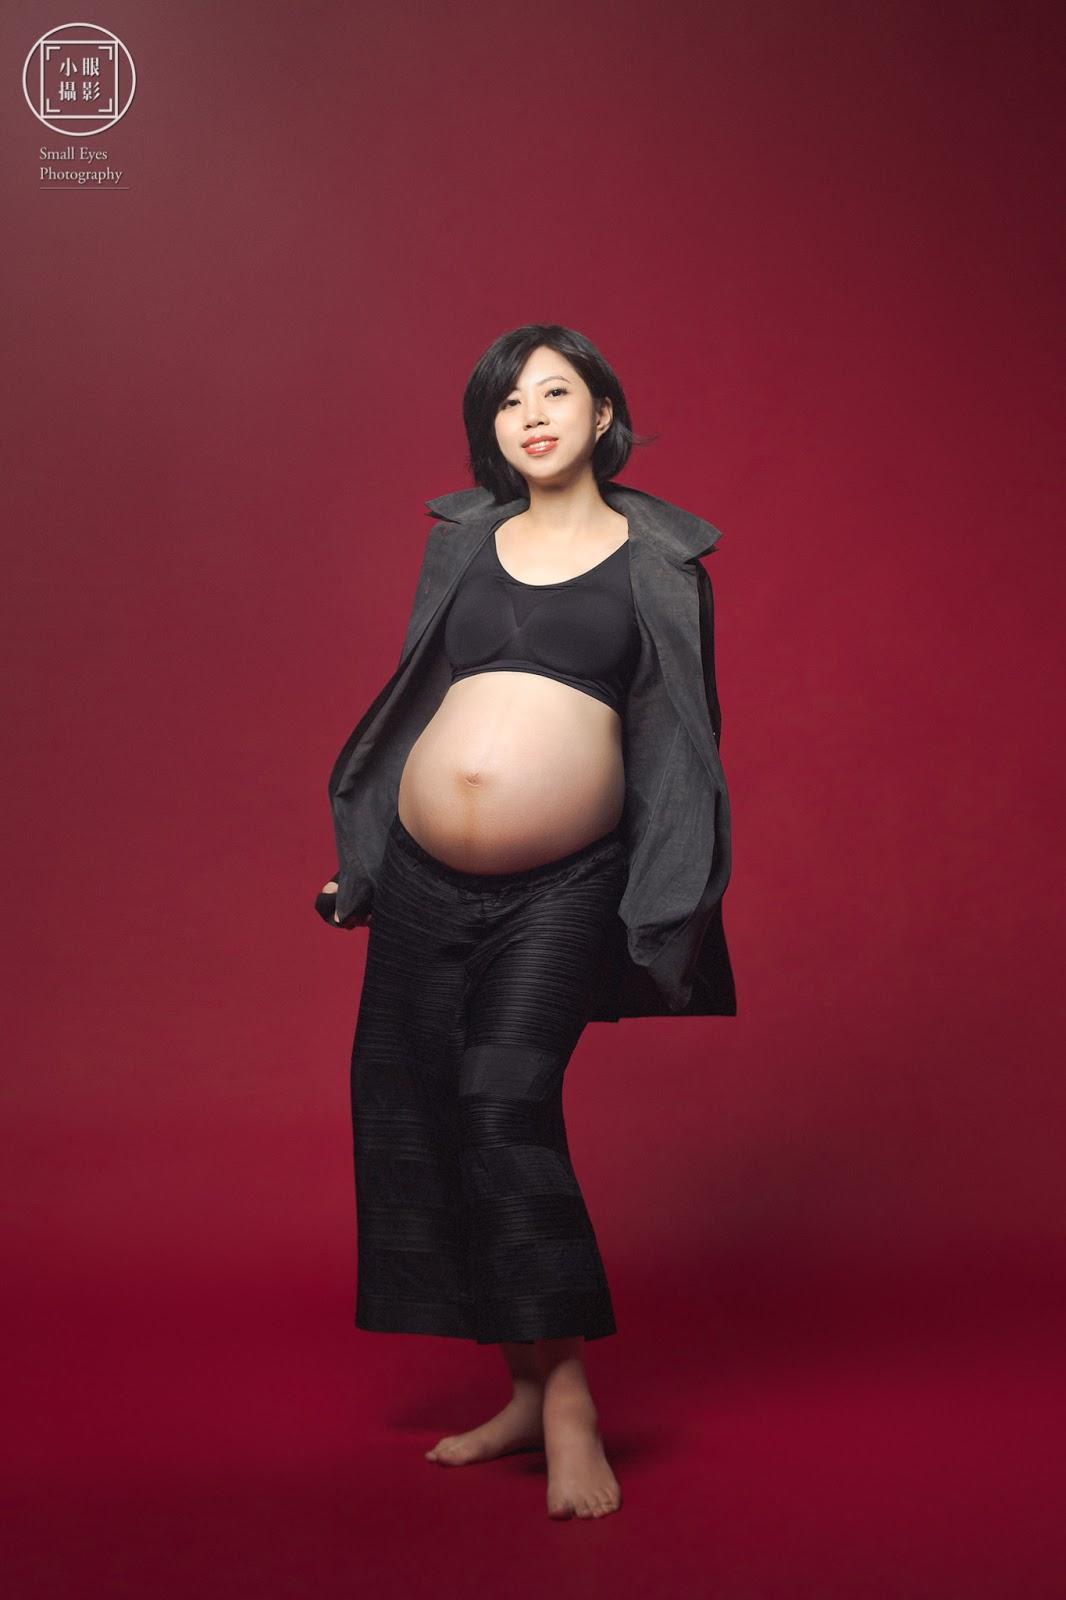 人像寫真, 小眼攝影, 分娩, 孕婦寫真, 生產, 妊娠, 妊婦, 居家, 家庭, 混血, 寫真, 親子攝影, 懷孕, 攝影, 人像‧寫真, 洪麗芬,